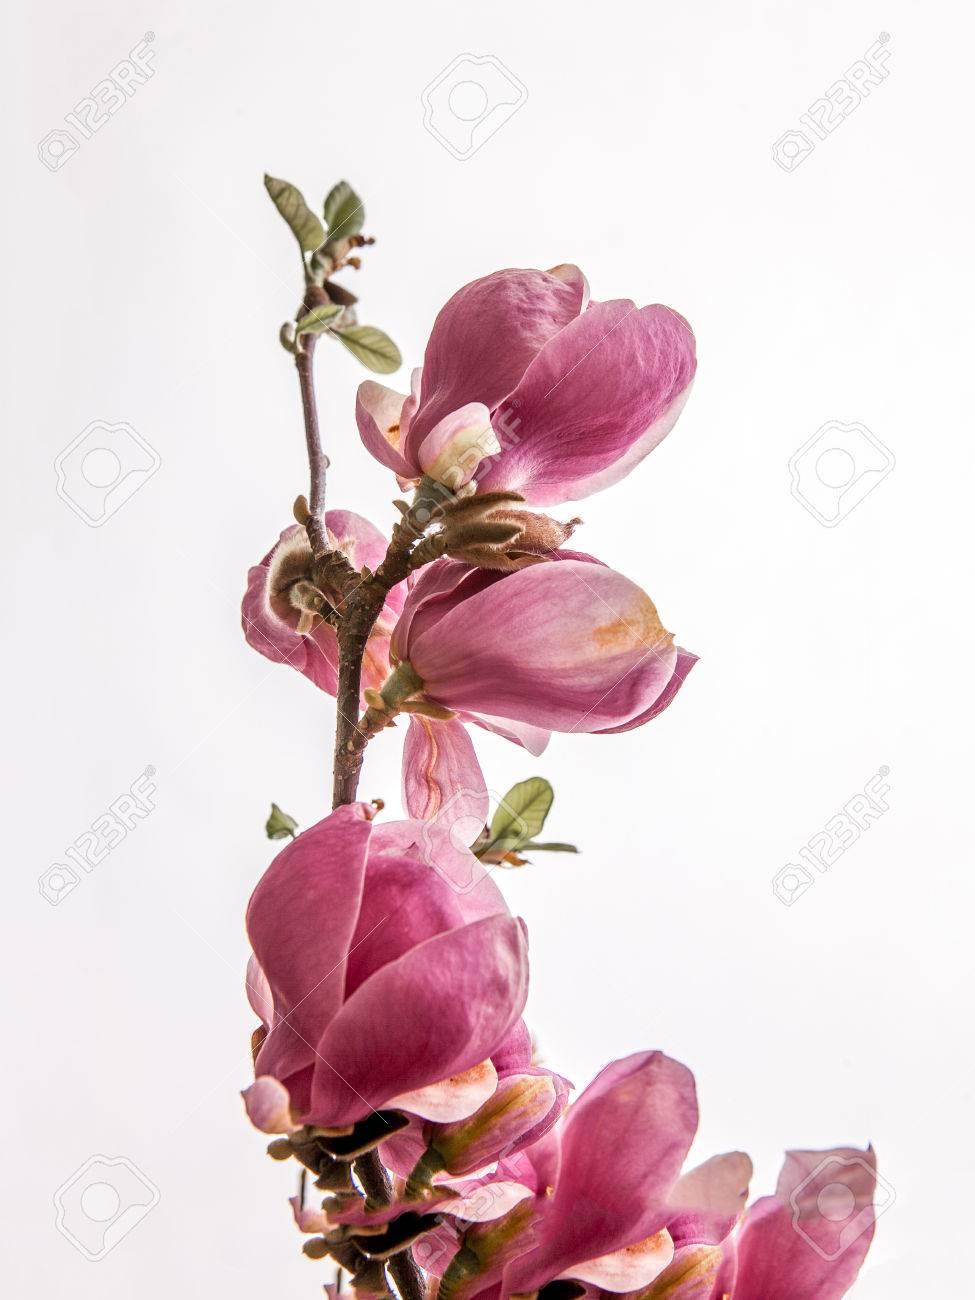 Magnolia soulangeana twig on the white background - 56195520